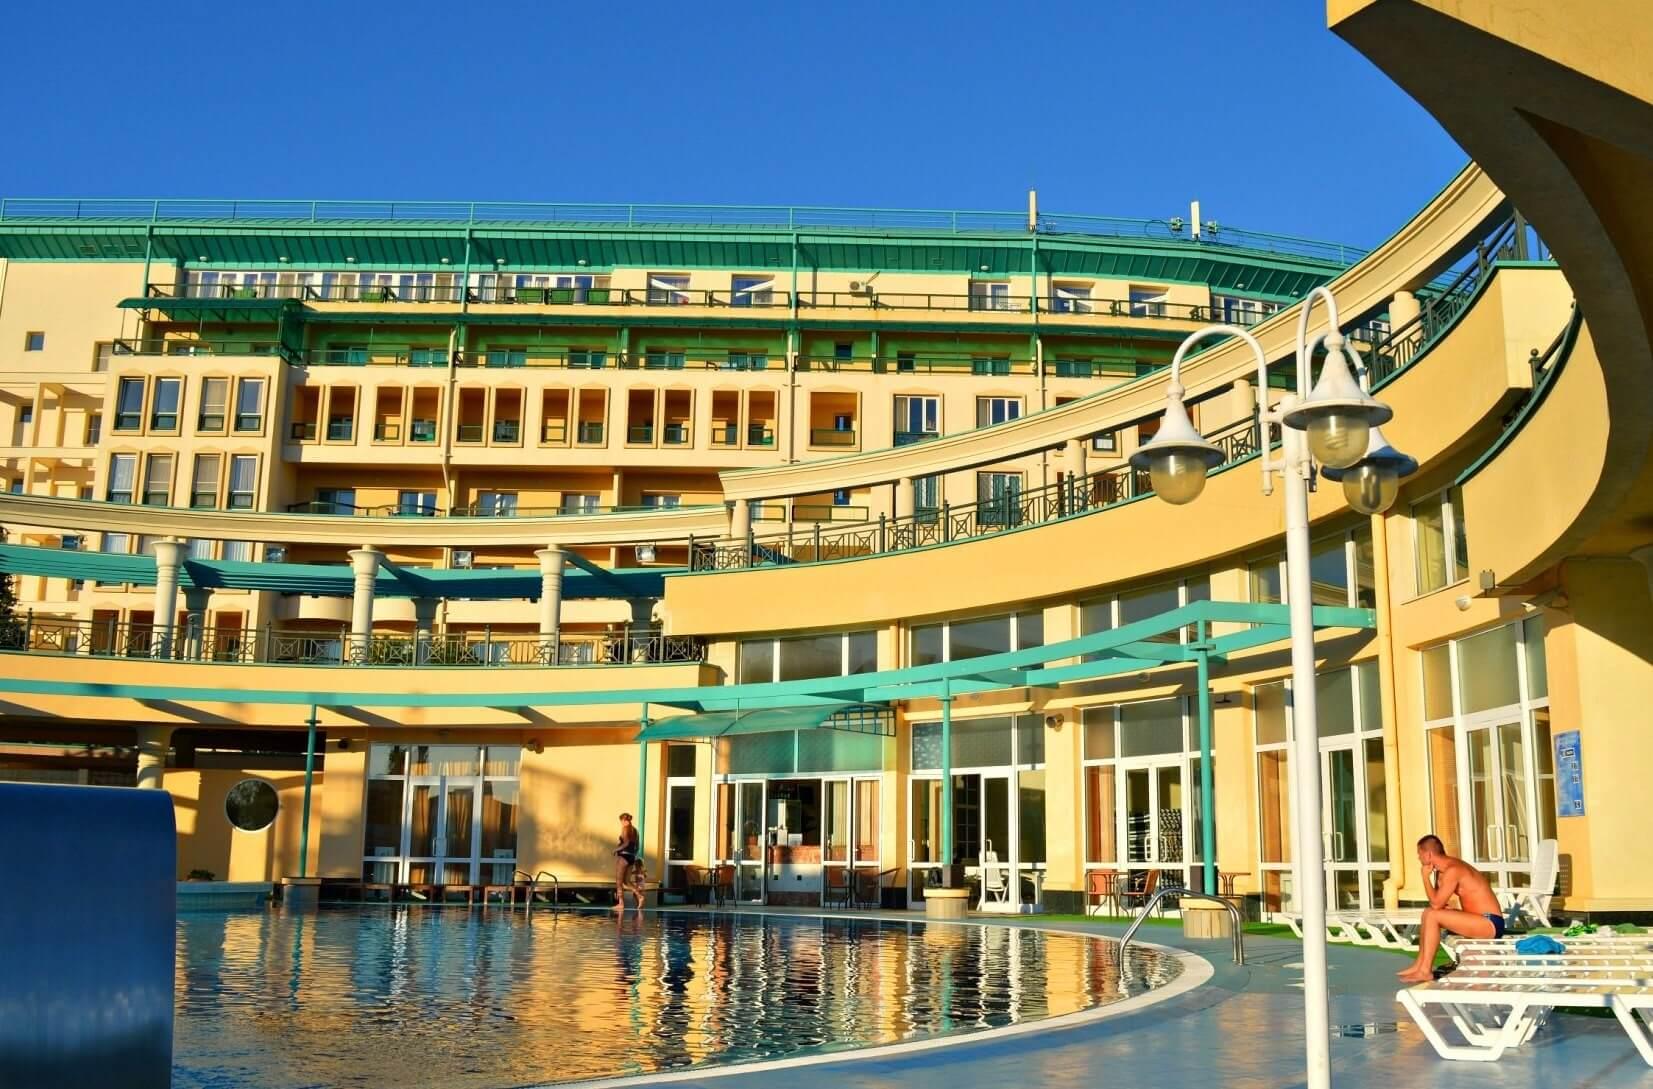 отель аквамарин анапа фото бисера это